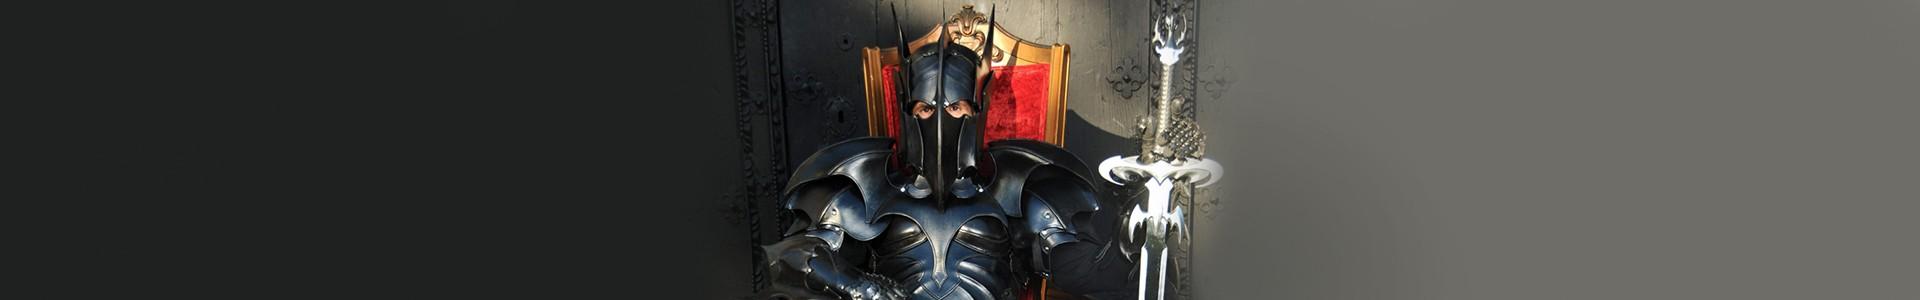 5 Armaduras de couro incríveis da Liga da Justiça